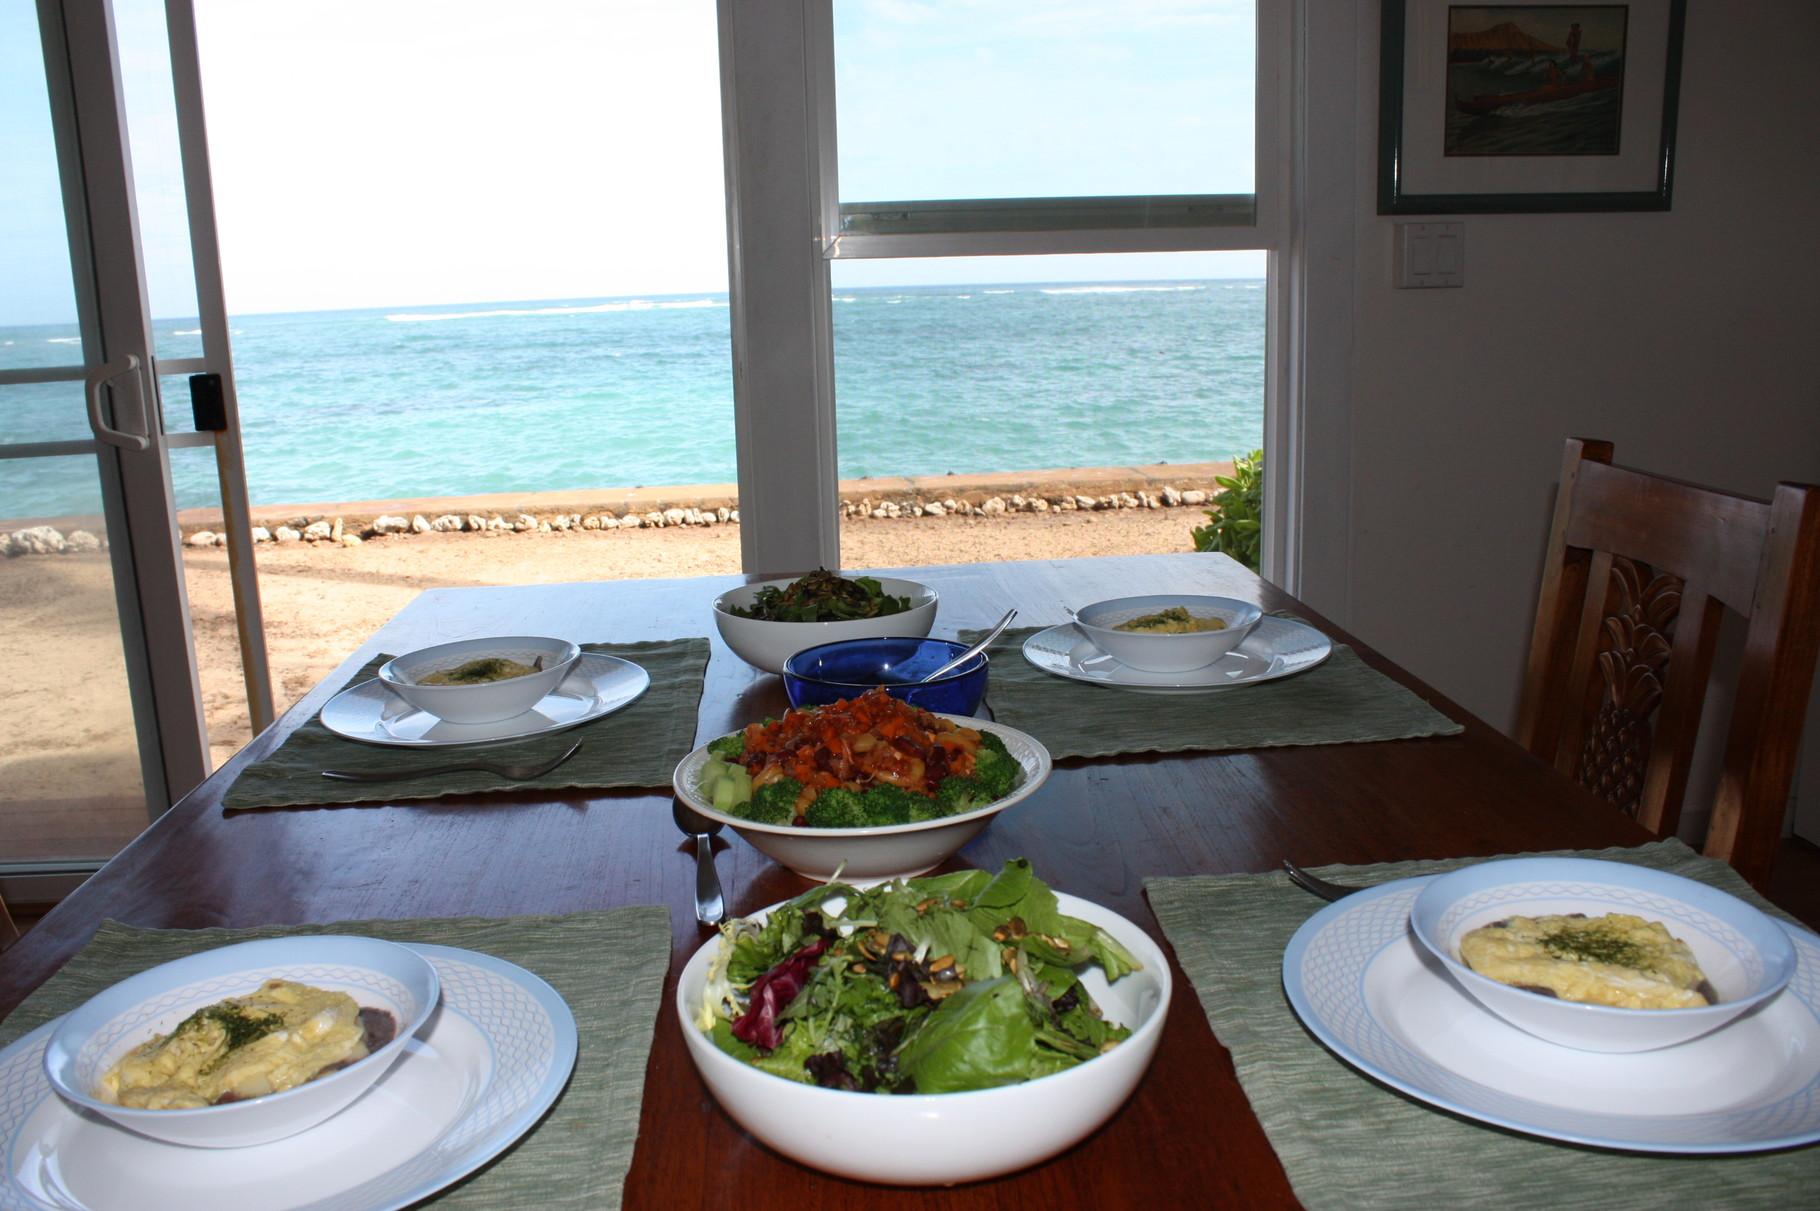 食卓から見えるのは青い海